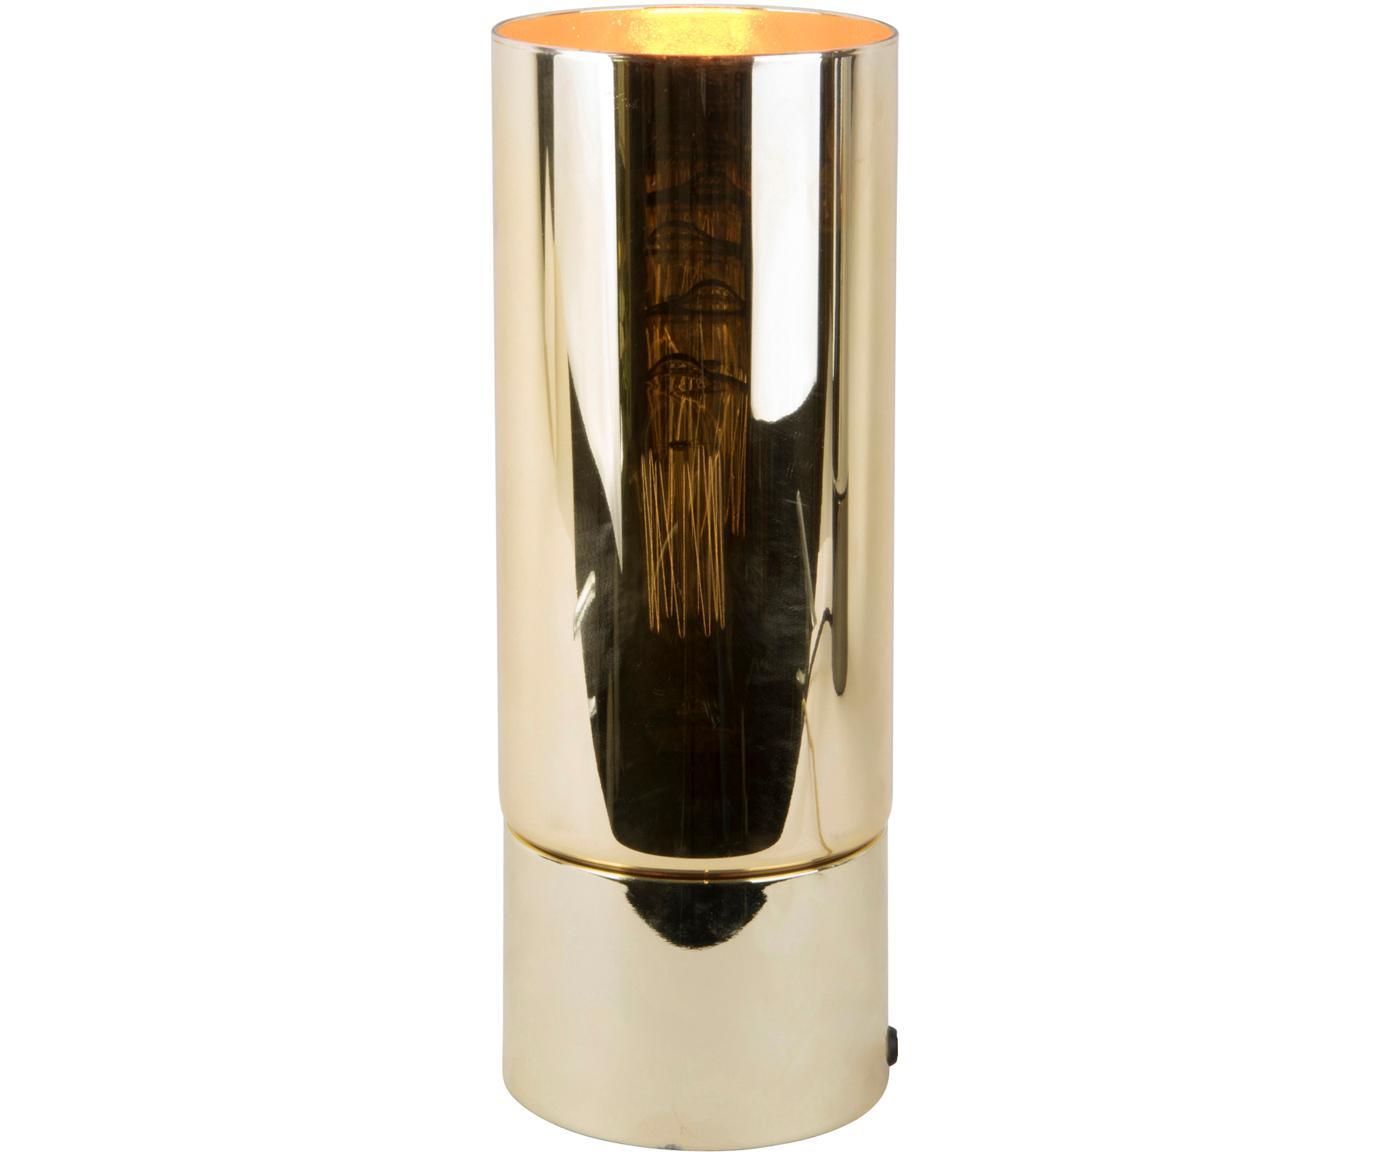 Tischleuchte Lax, Glas, Metall, Goldfarben, Ø 12 x H 32 cm